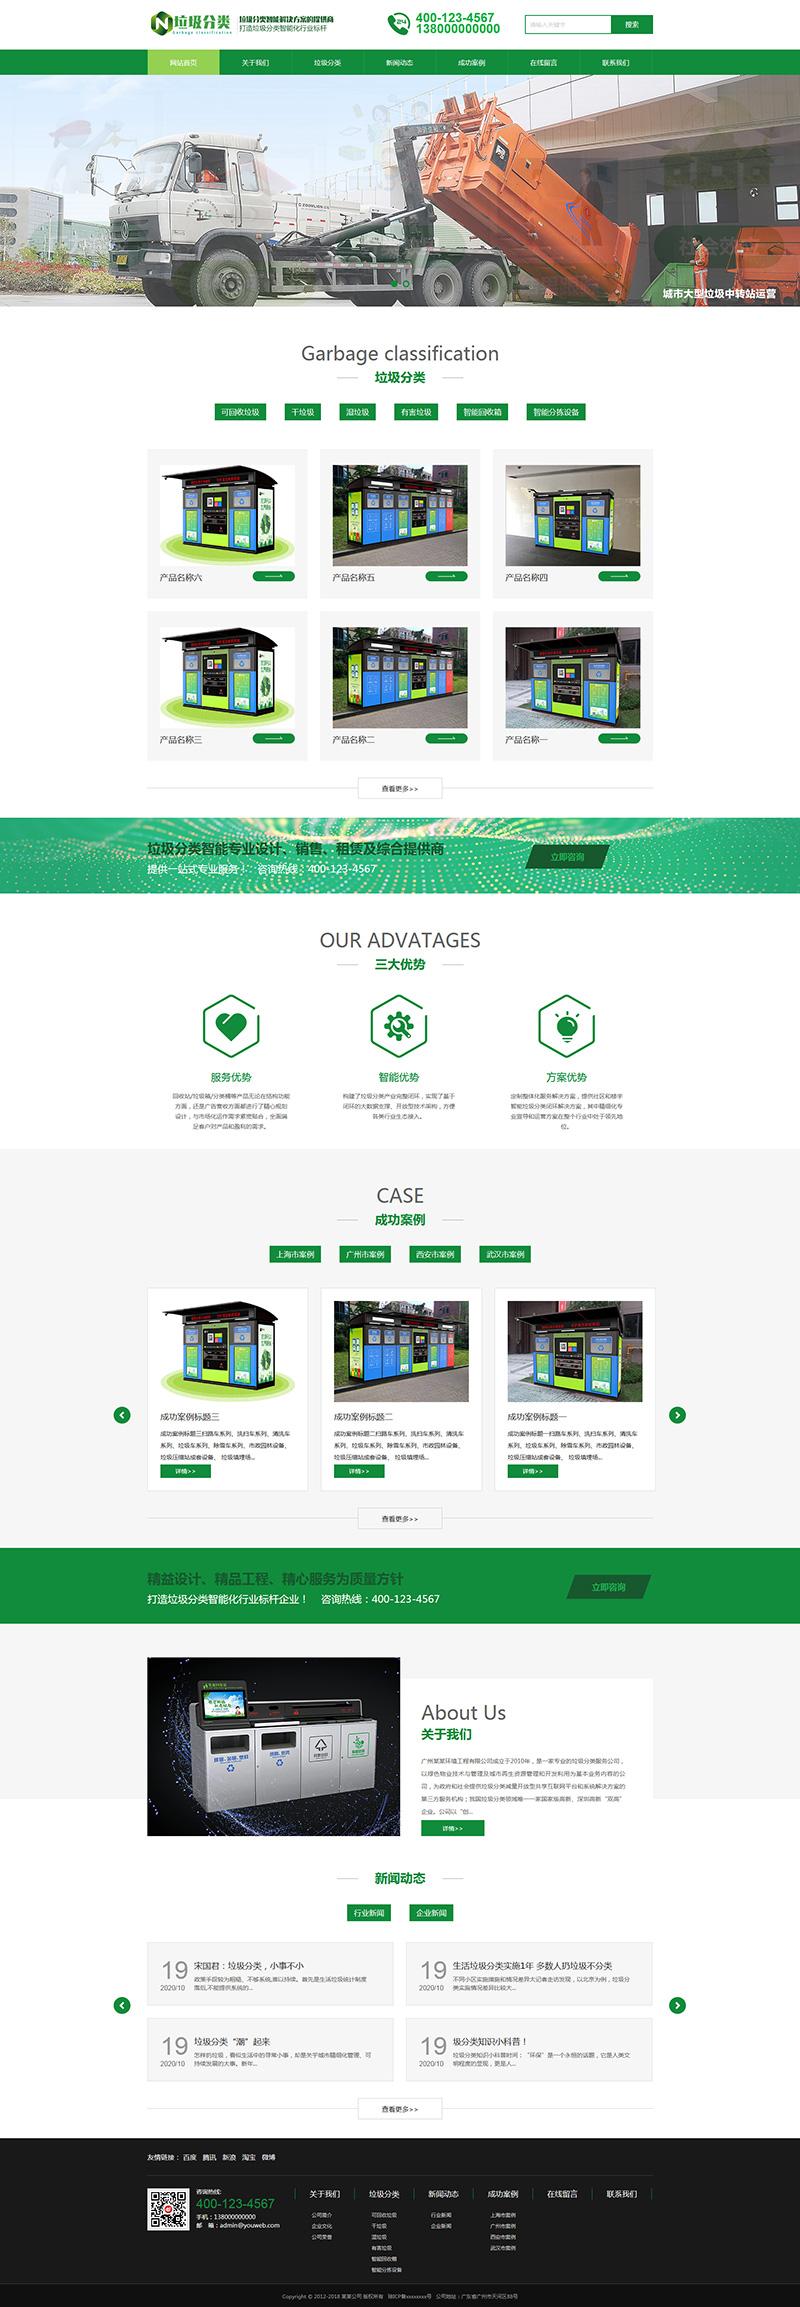 环保垃圾分类亭生产厂家网站模板-11041